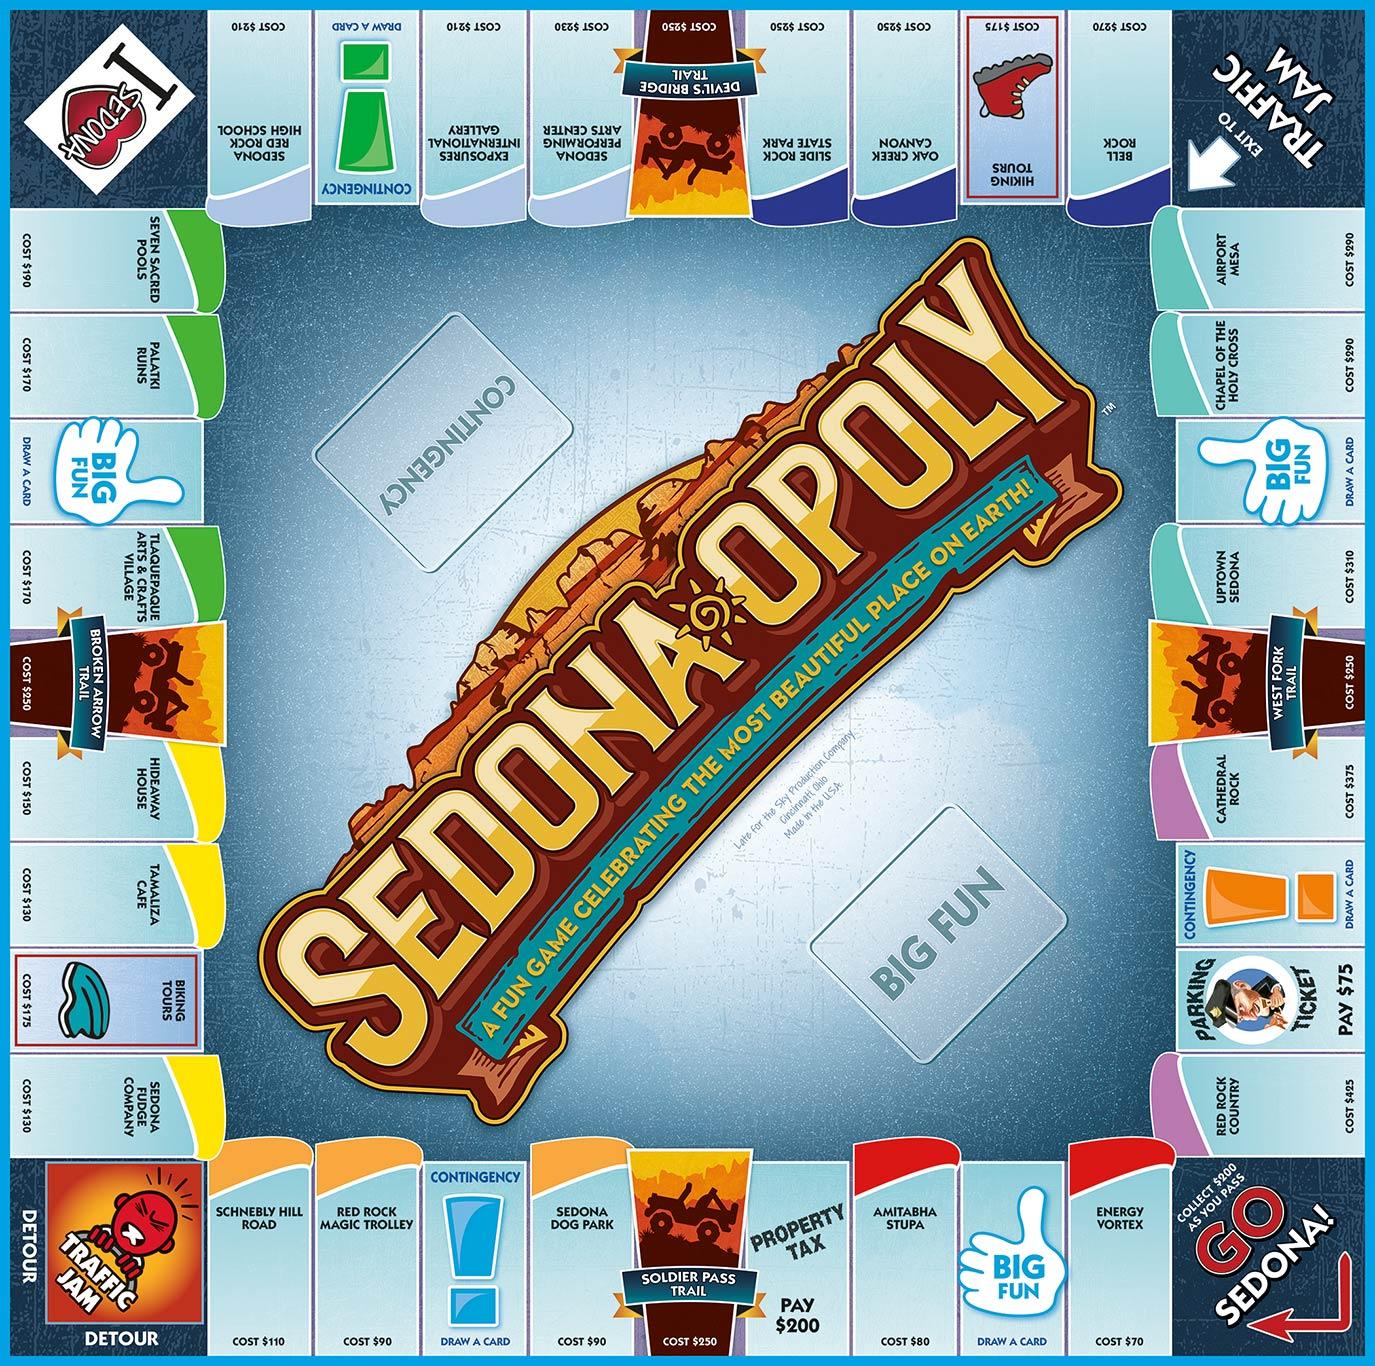 SEDONA-OPOLY Board Game